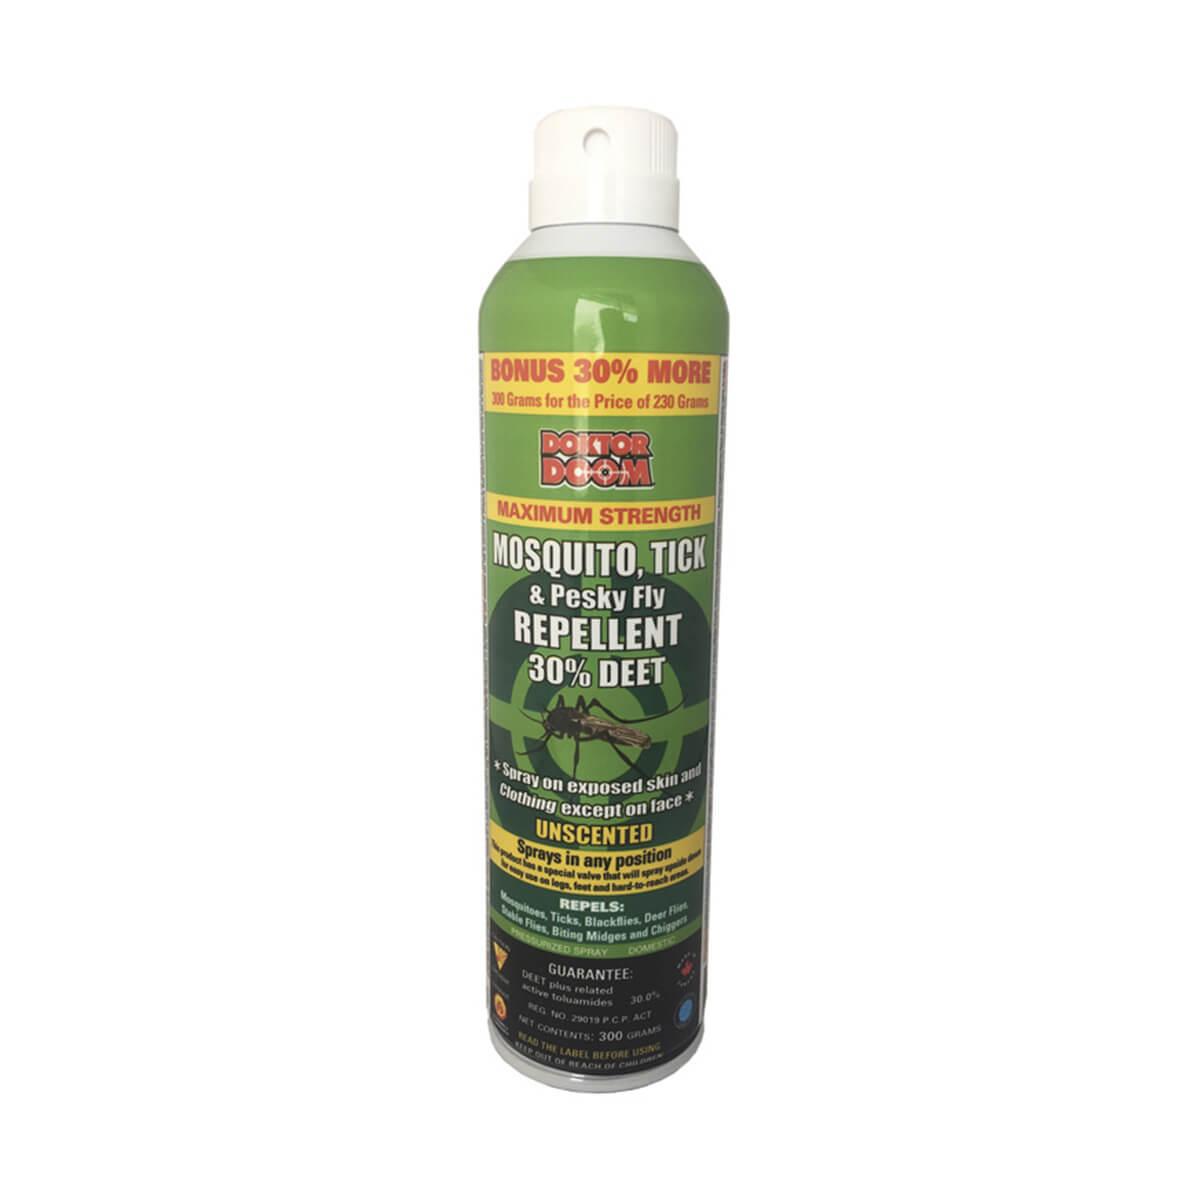 Mosquito Repellent - 30% Deet - 300 g